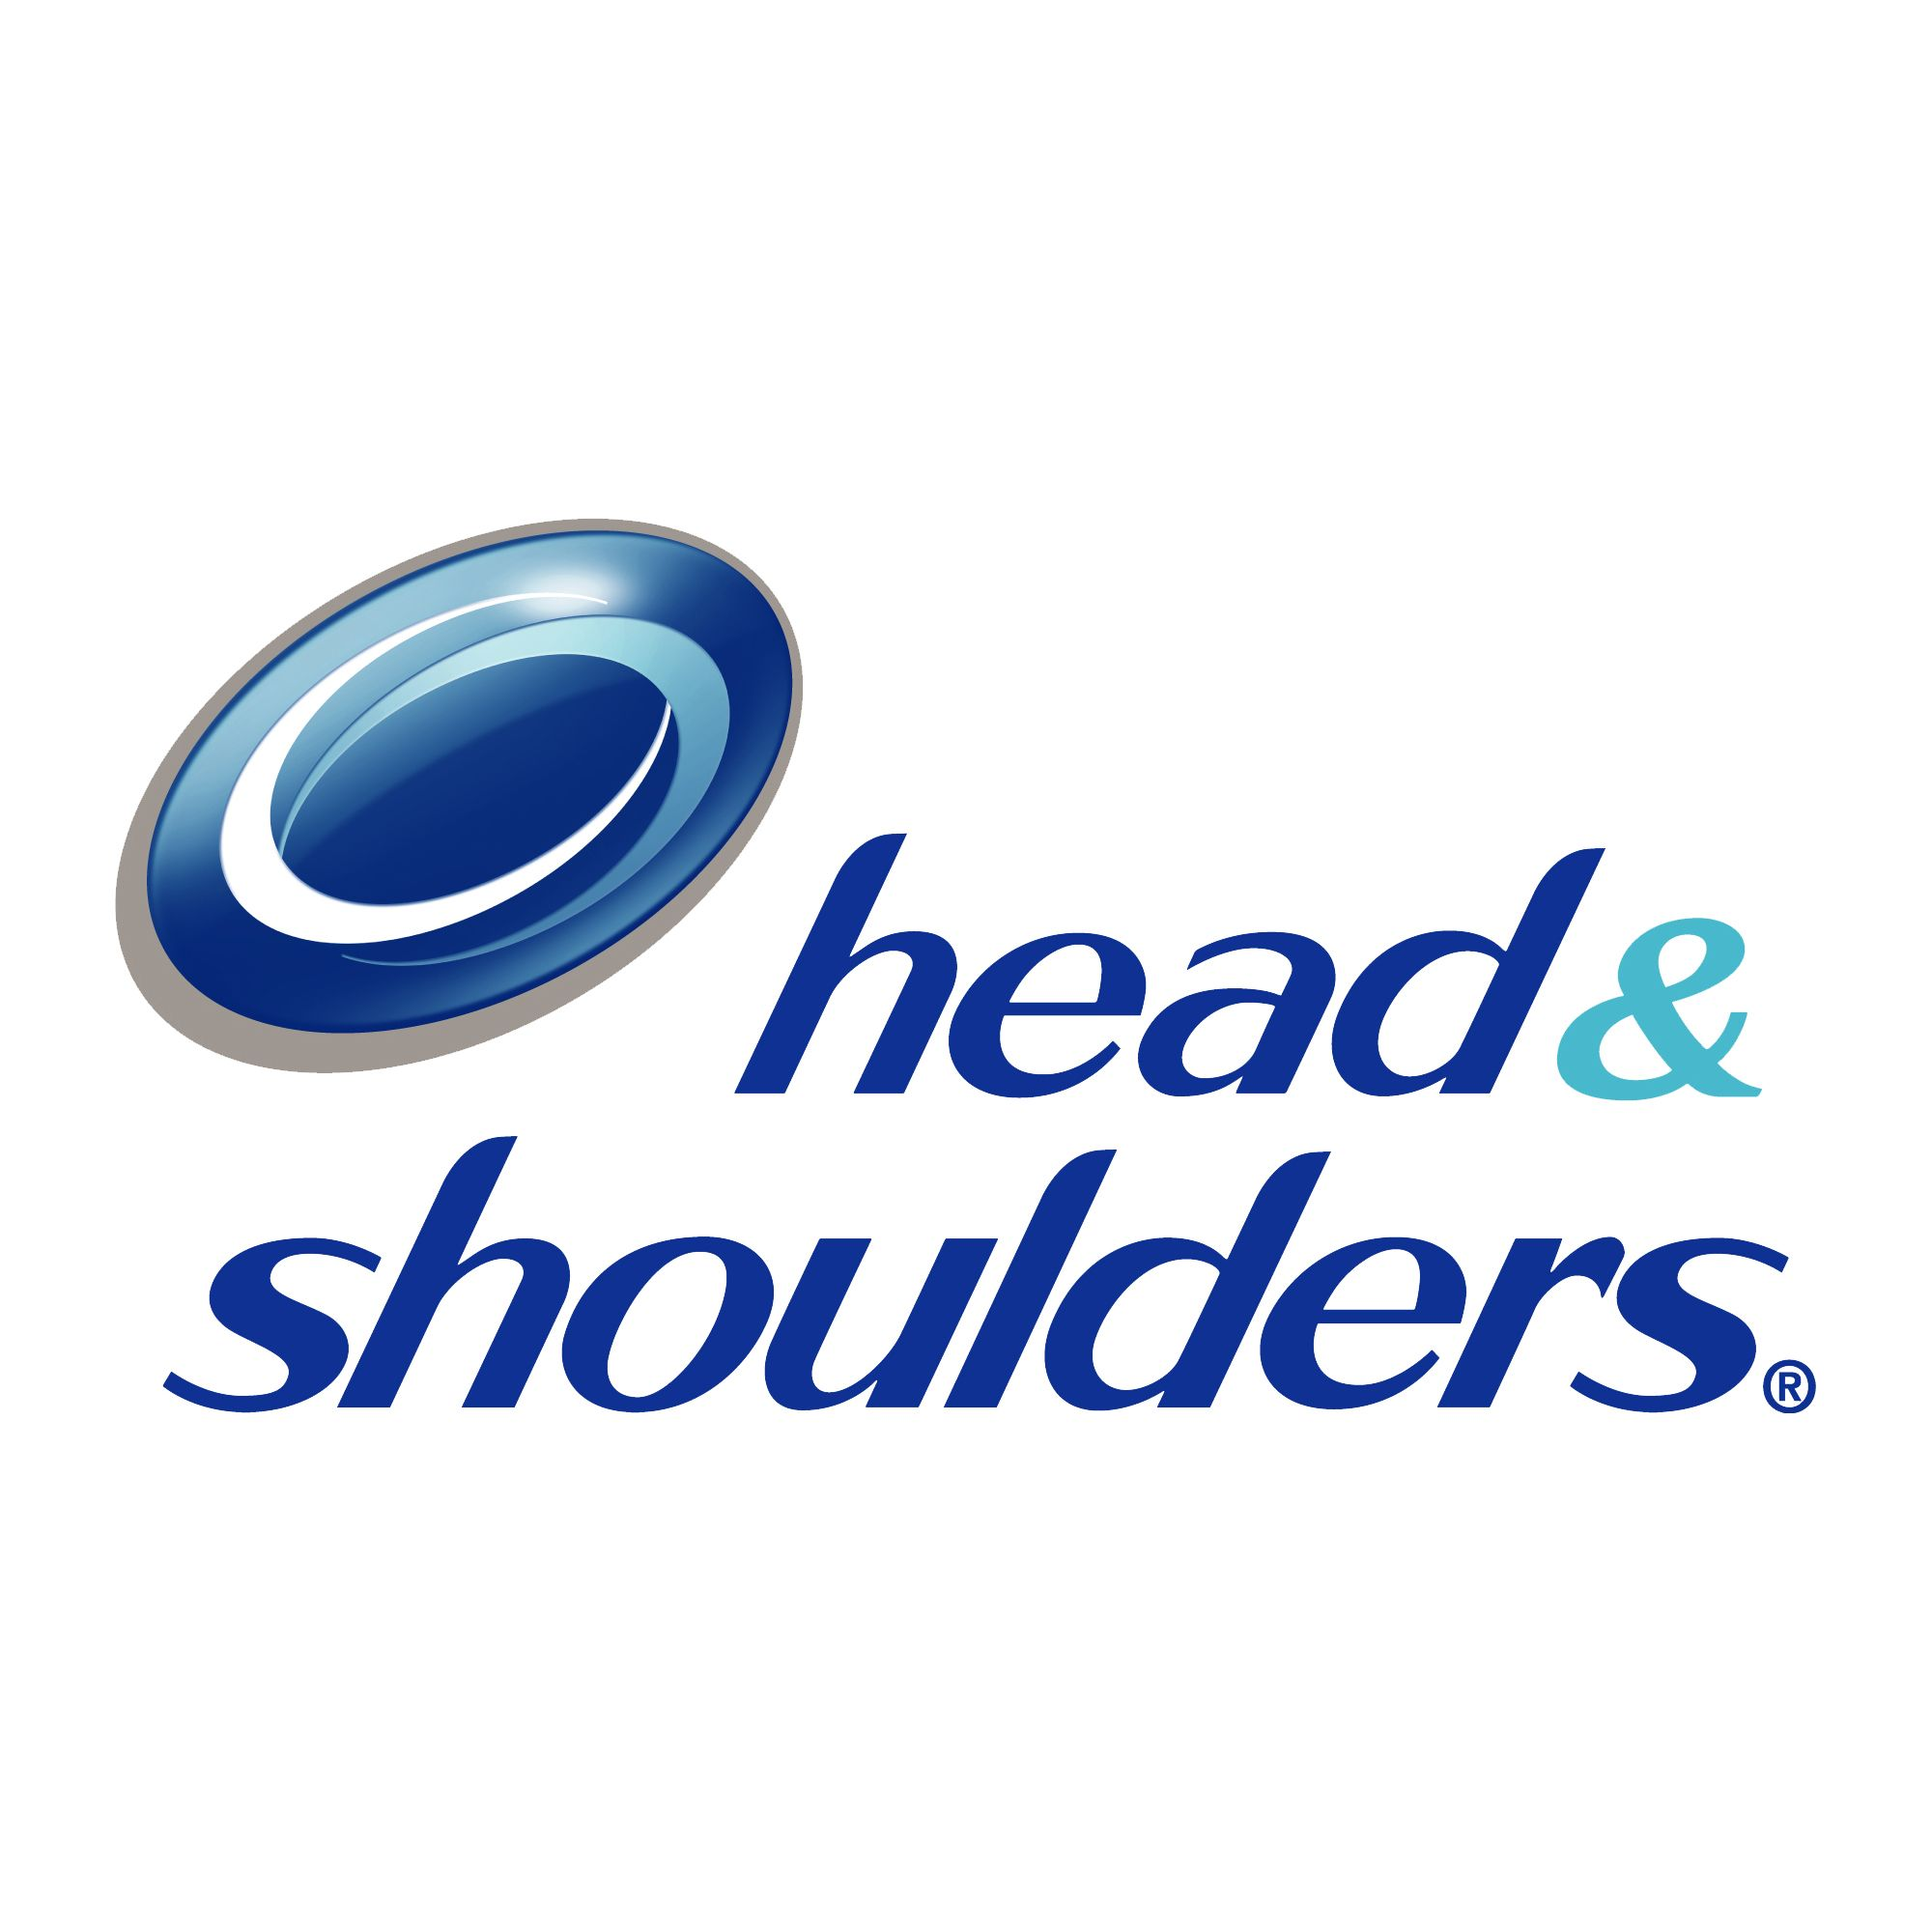 Head Shoulders Parapharmacie Comptoir Sante Pharmacie Design Head And Shoulders Parapharmacie